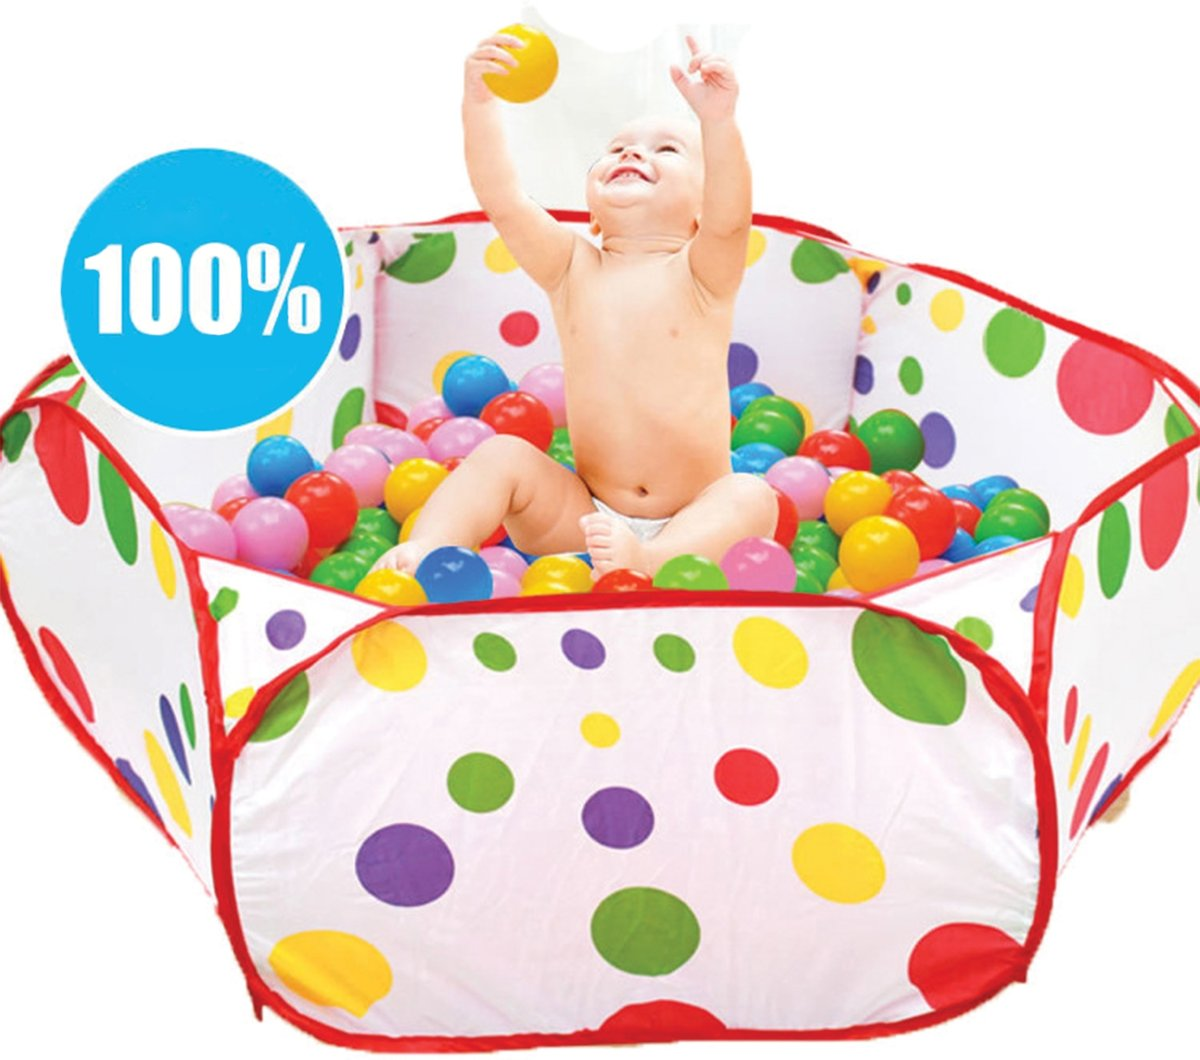 Eyzo Ballenbak met 50 Ballen - 120 x 120 x 37 cm - Ballenbad Set - Ø 5,5 cm Ballen - Multicolor Mix